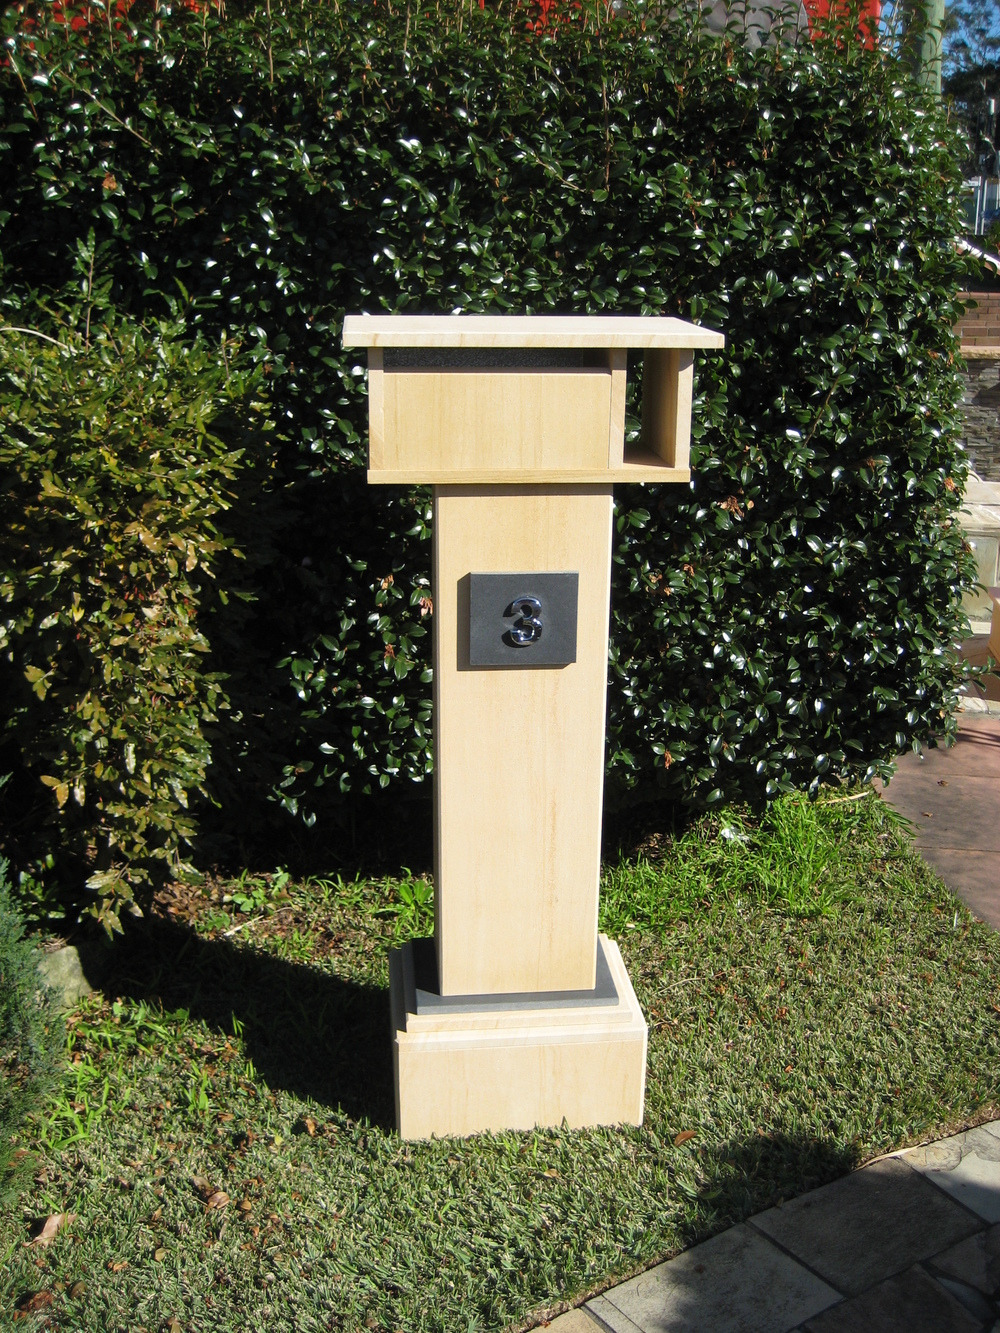 47. Extra tall letterbox, woodgrain sandstone. 1060 tall, dimensions 1250x500x300 $750